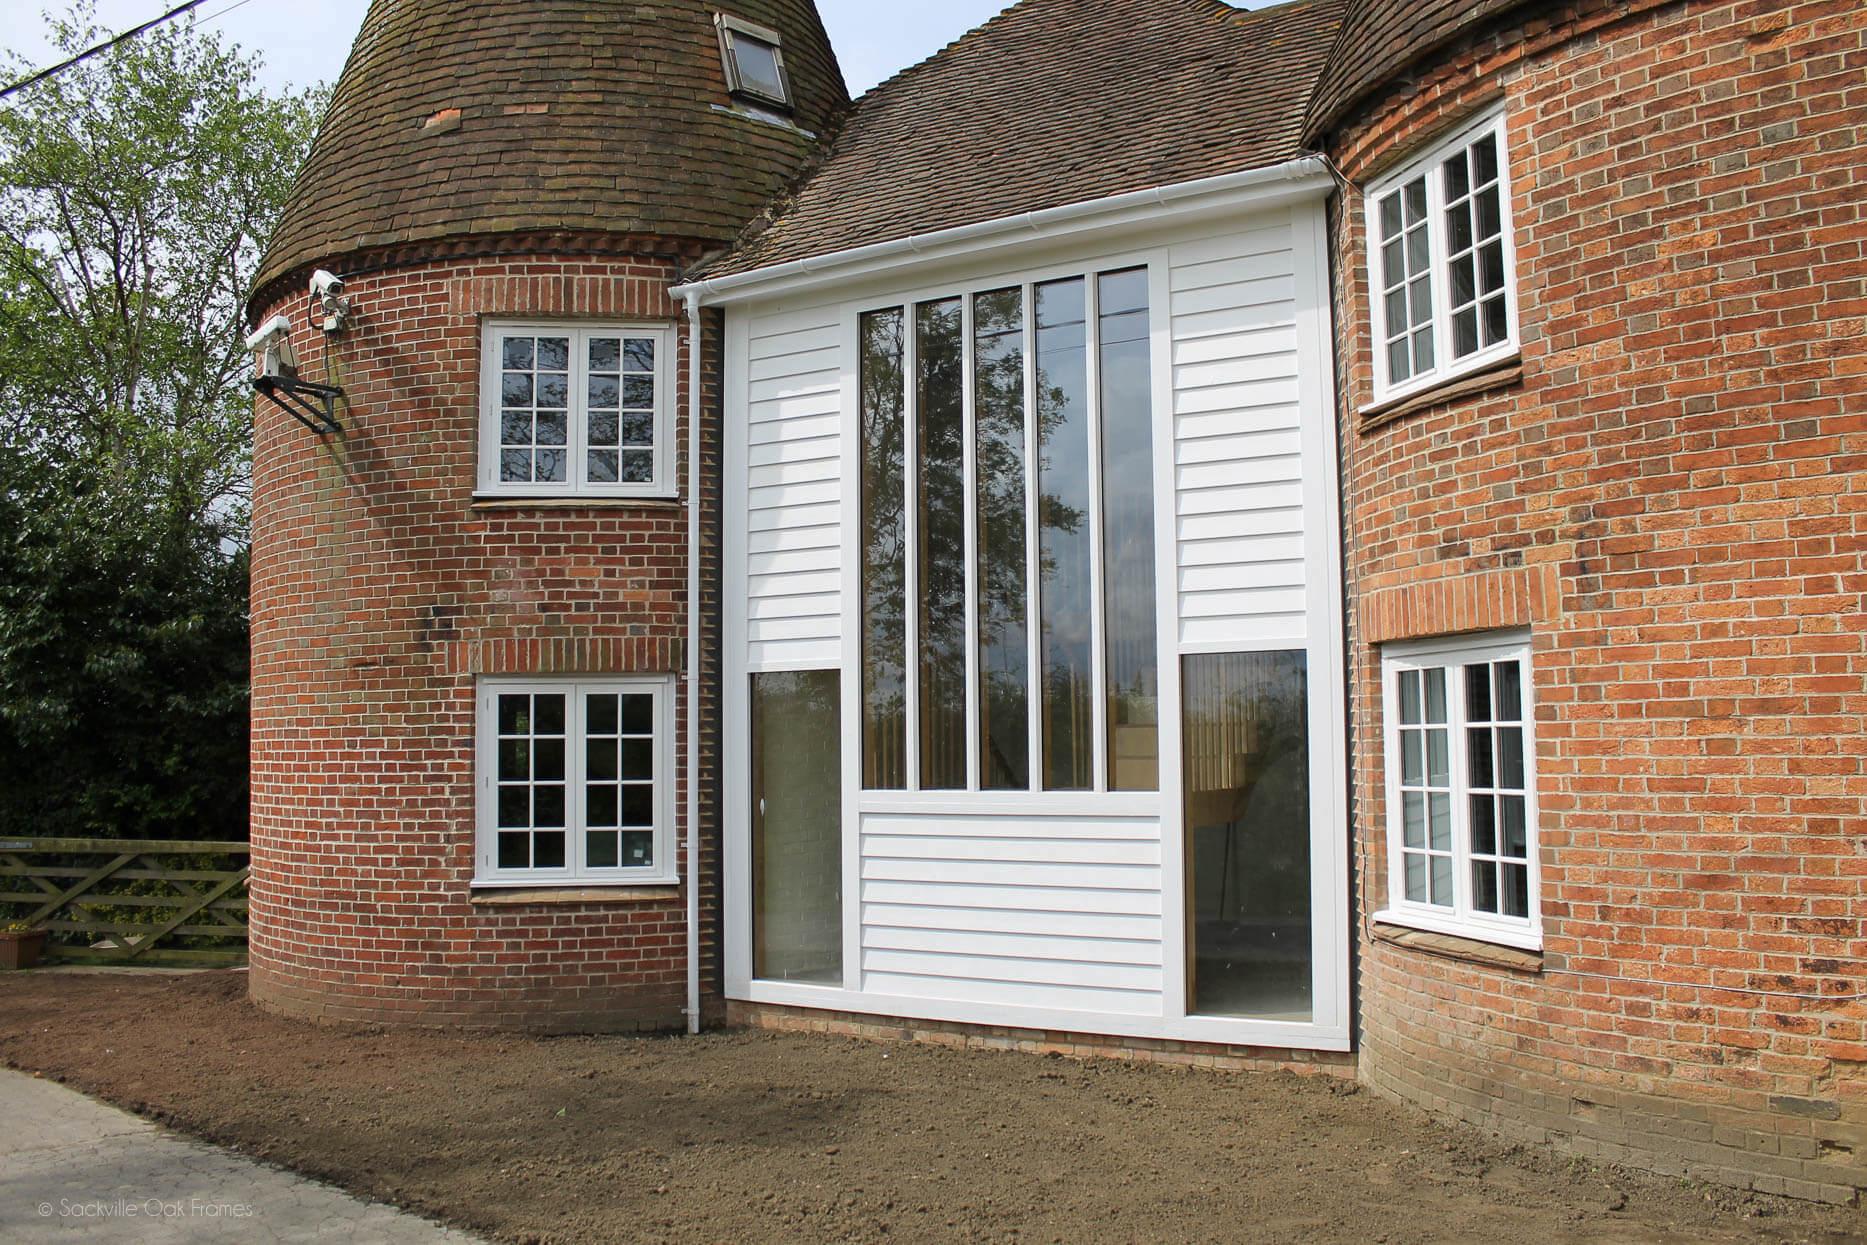 Sackville Oak Frames - Oak Framed Buildings